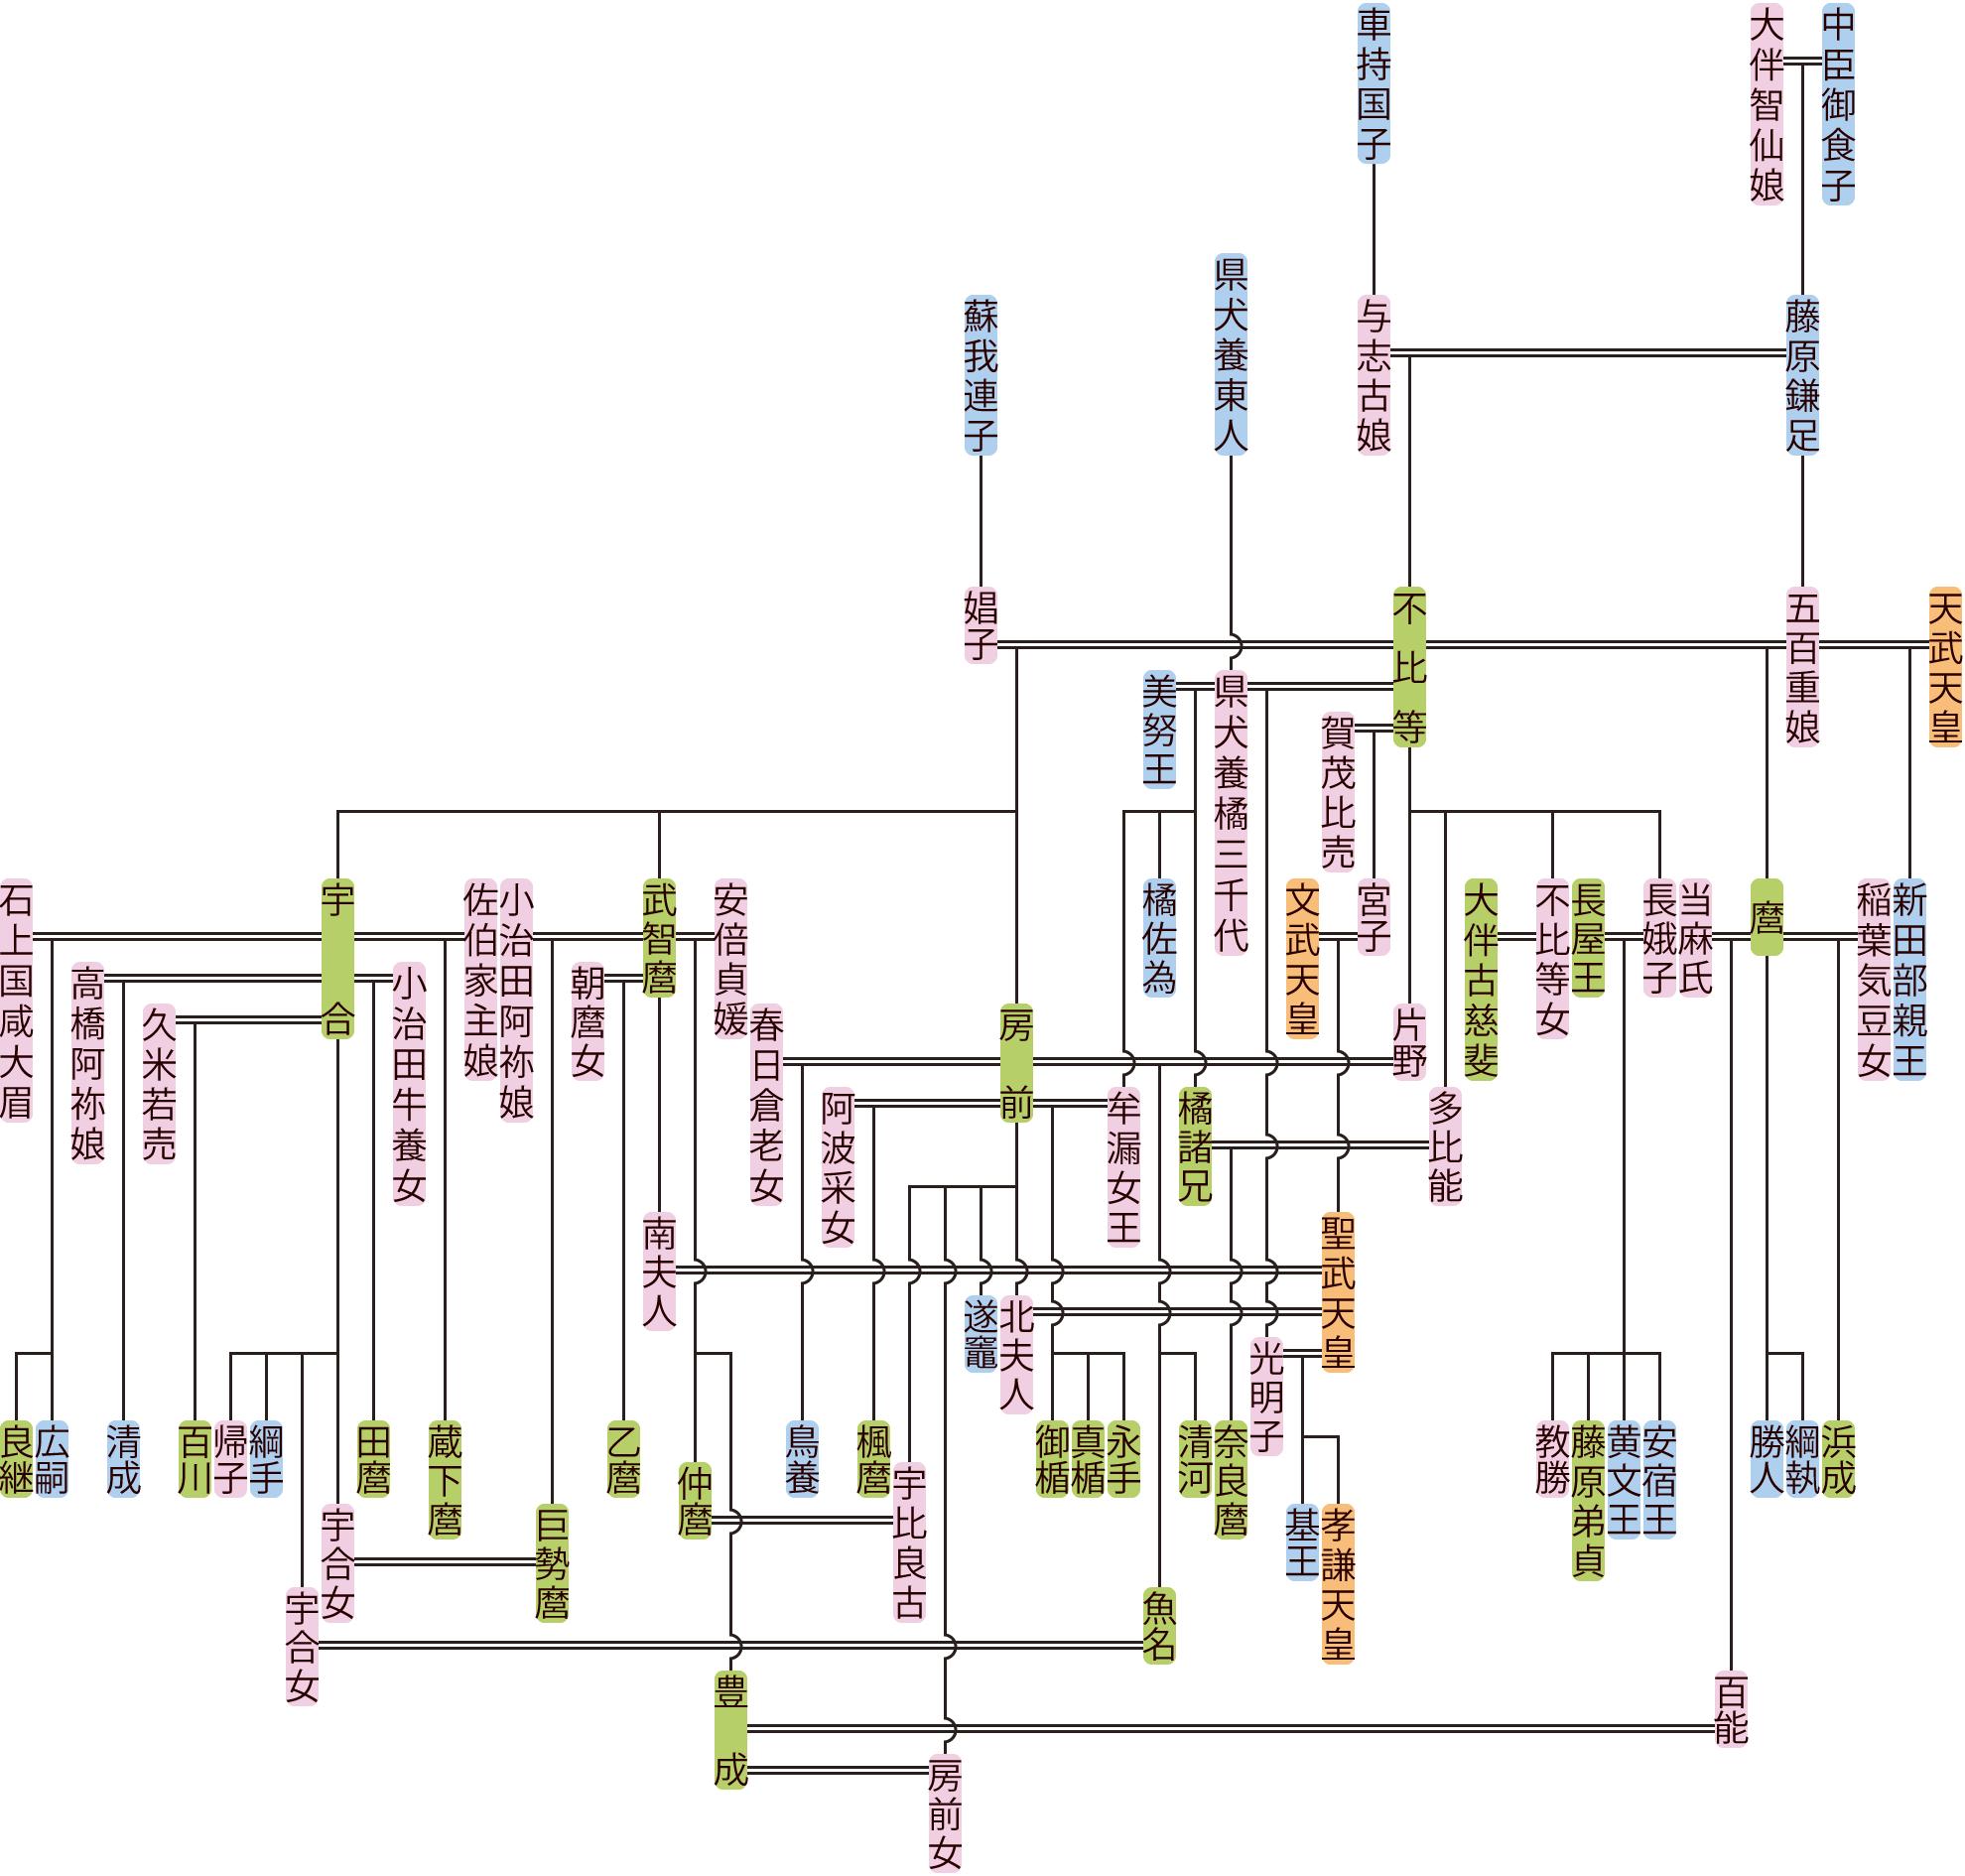 藤原不比等の系図